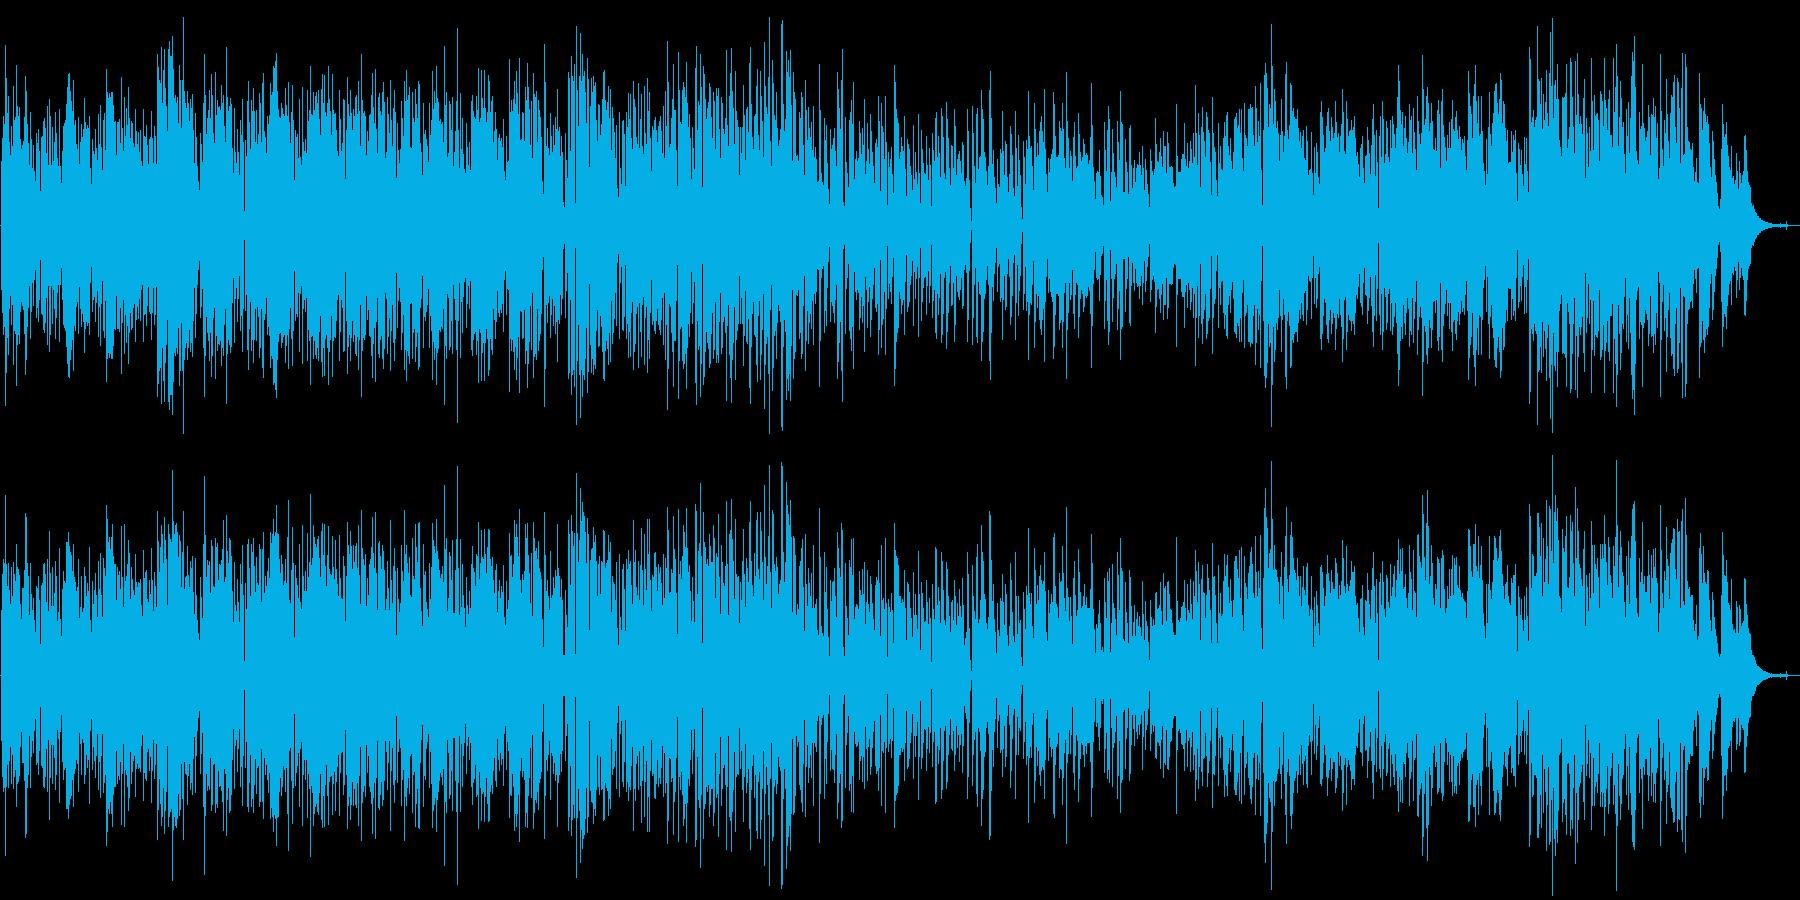 バリトンサックスとギターのボサノバDuoの再生済みの波形